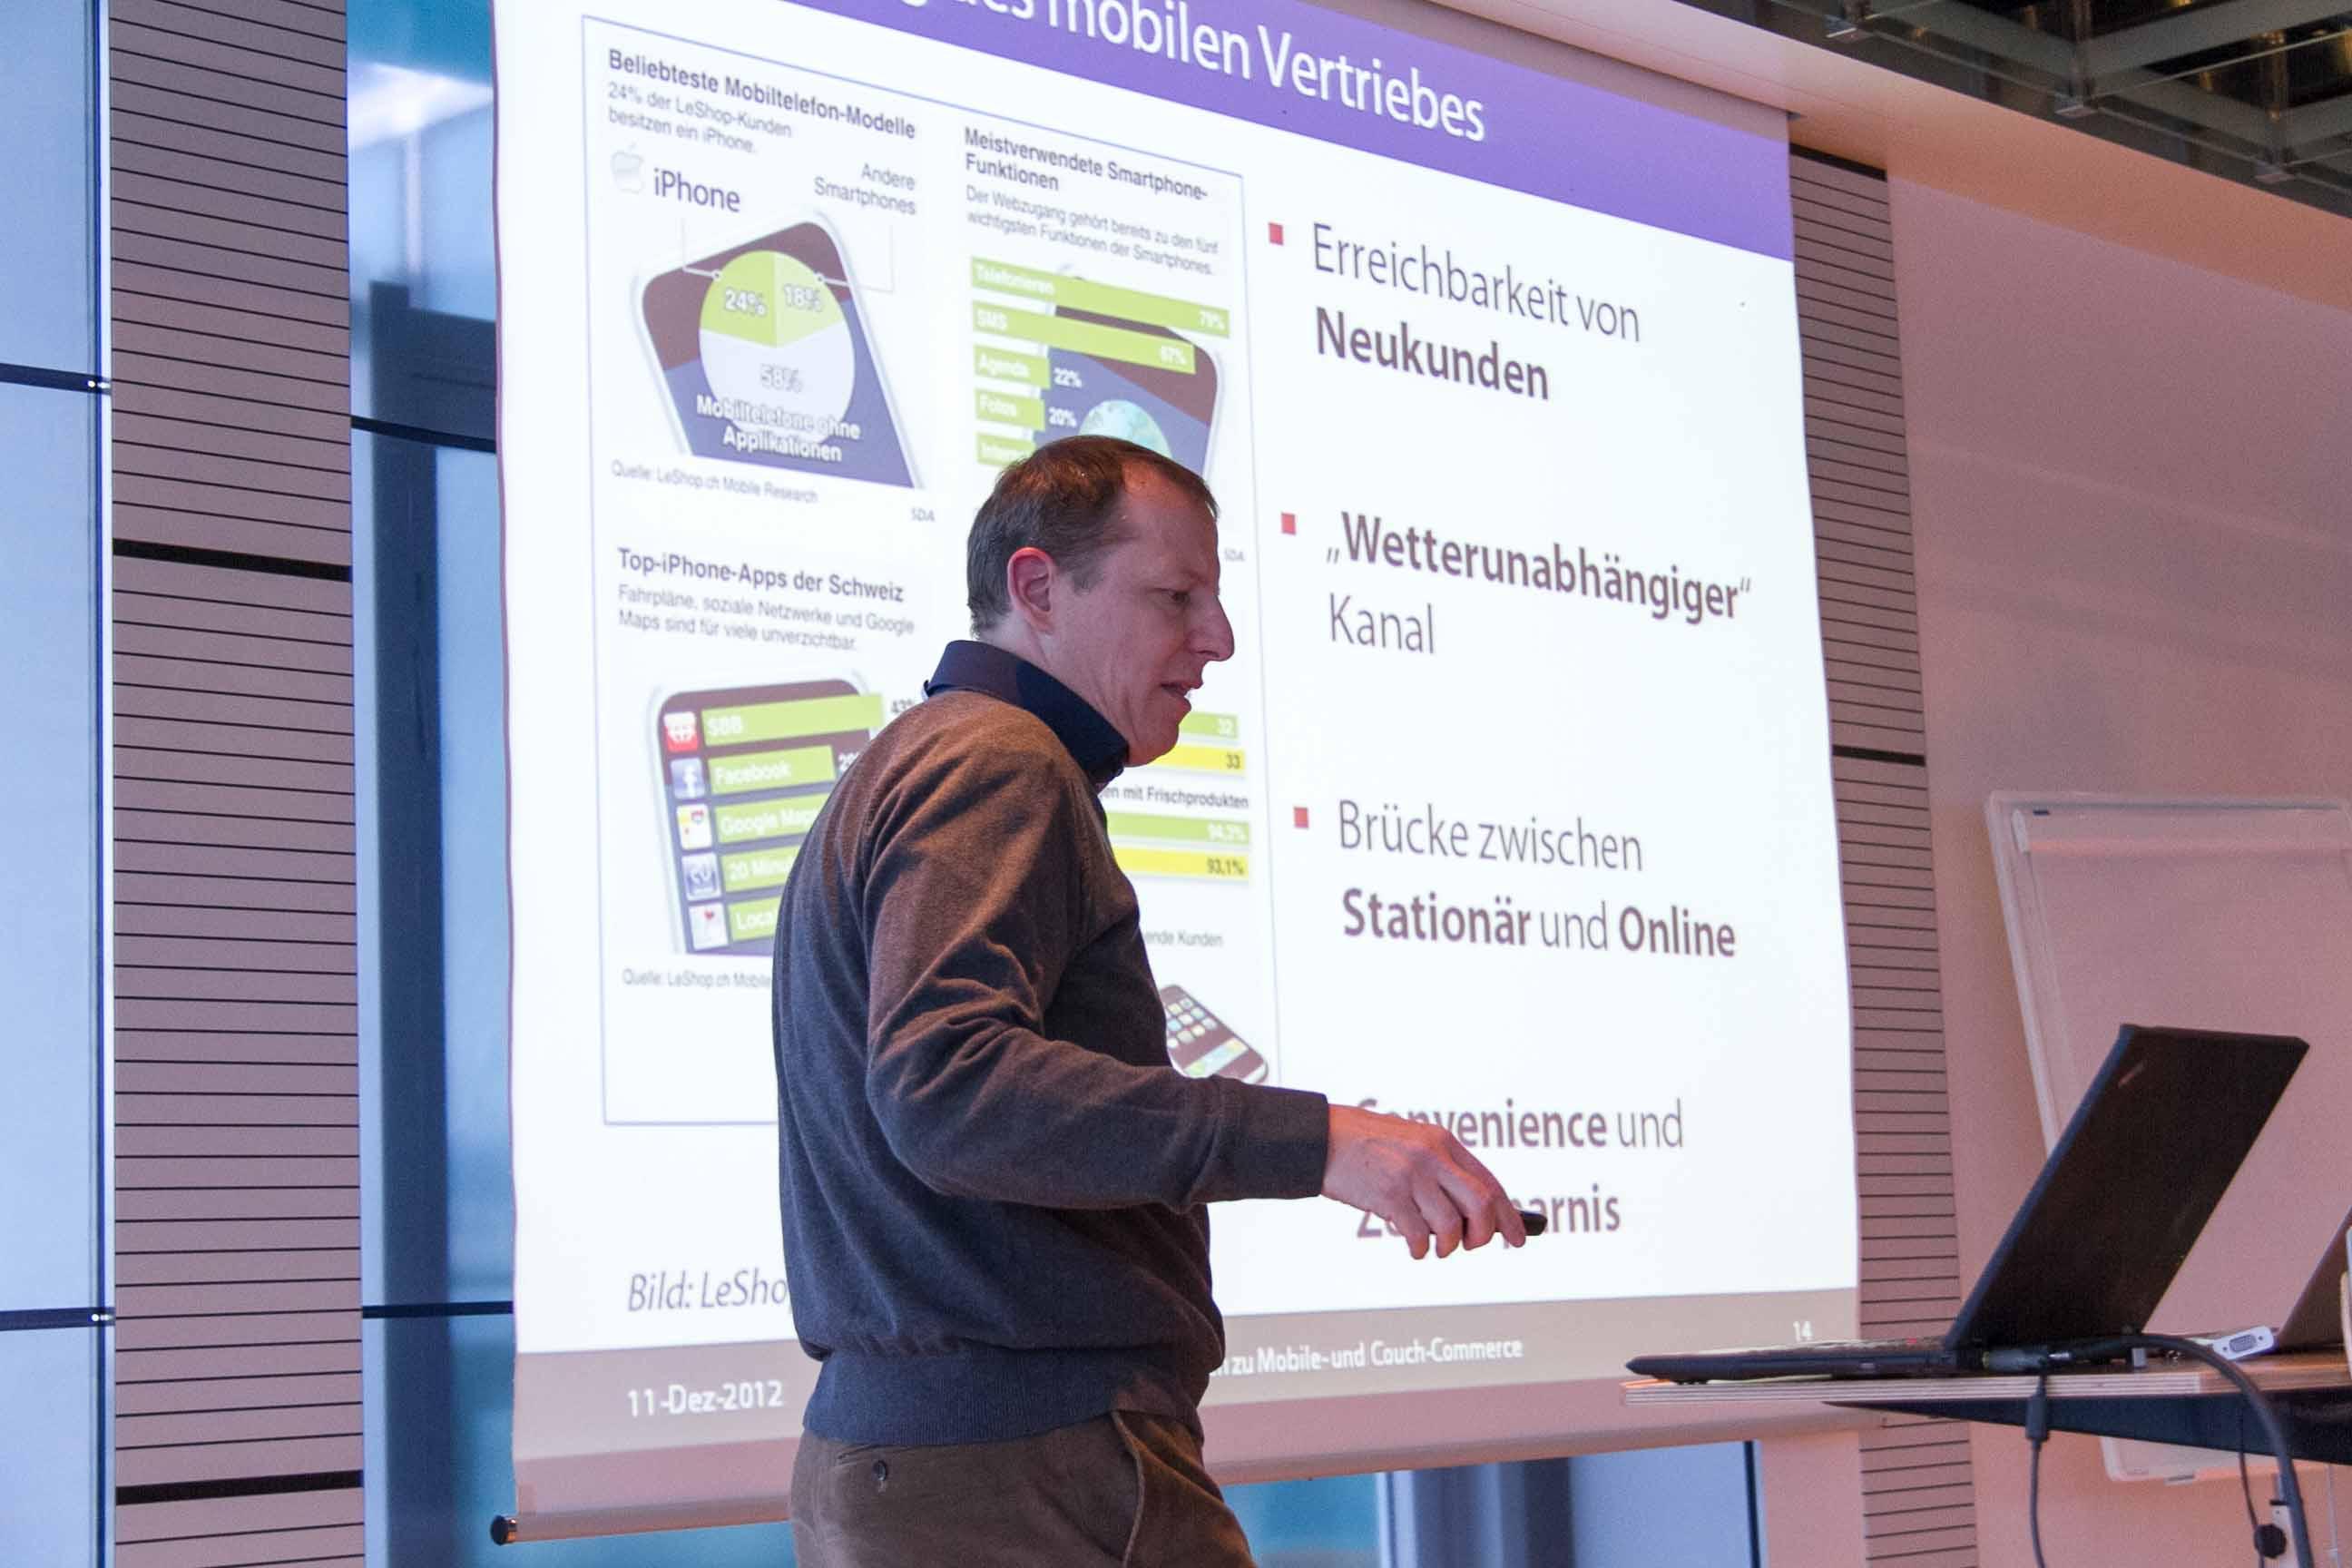 Bedeutung des mobilen Vertriebes in der Schweiz